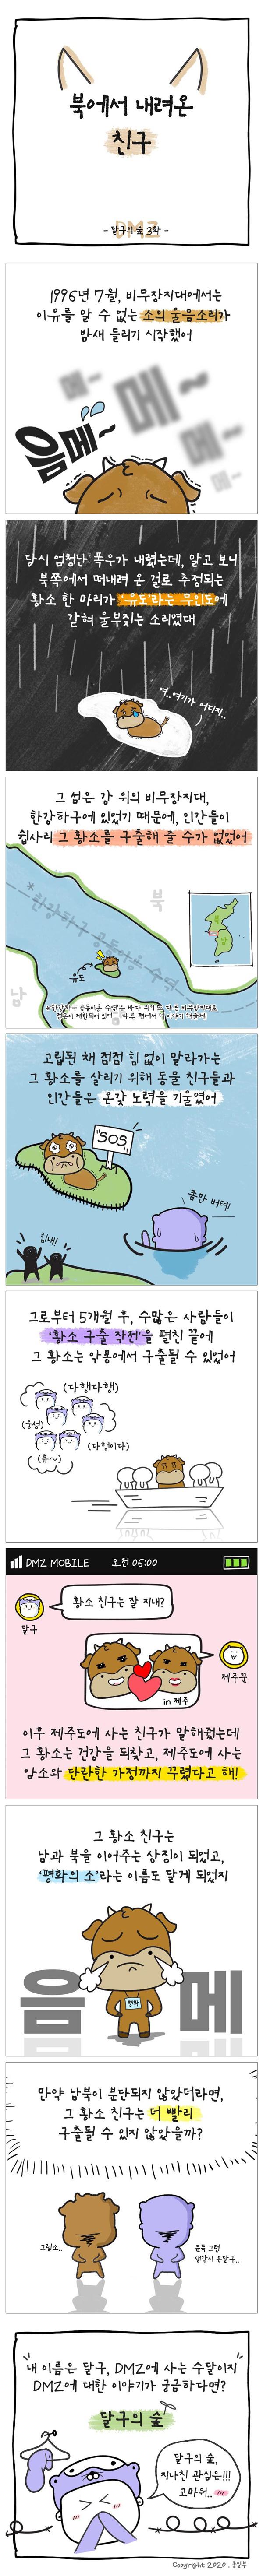 [웹툰] 북에서 내려온 친구